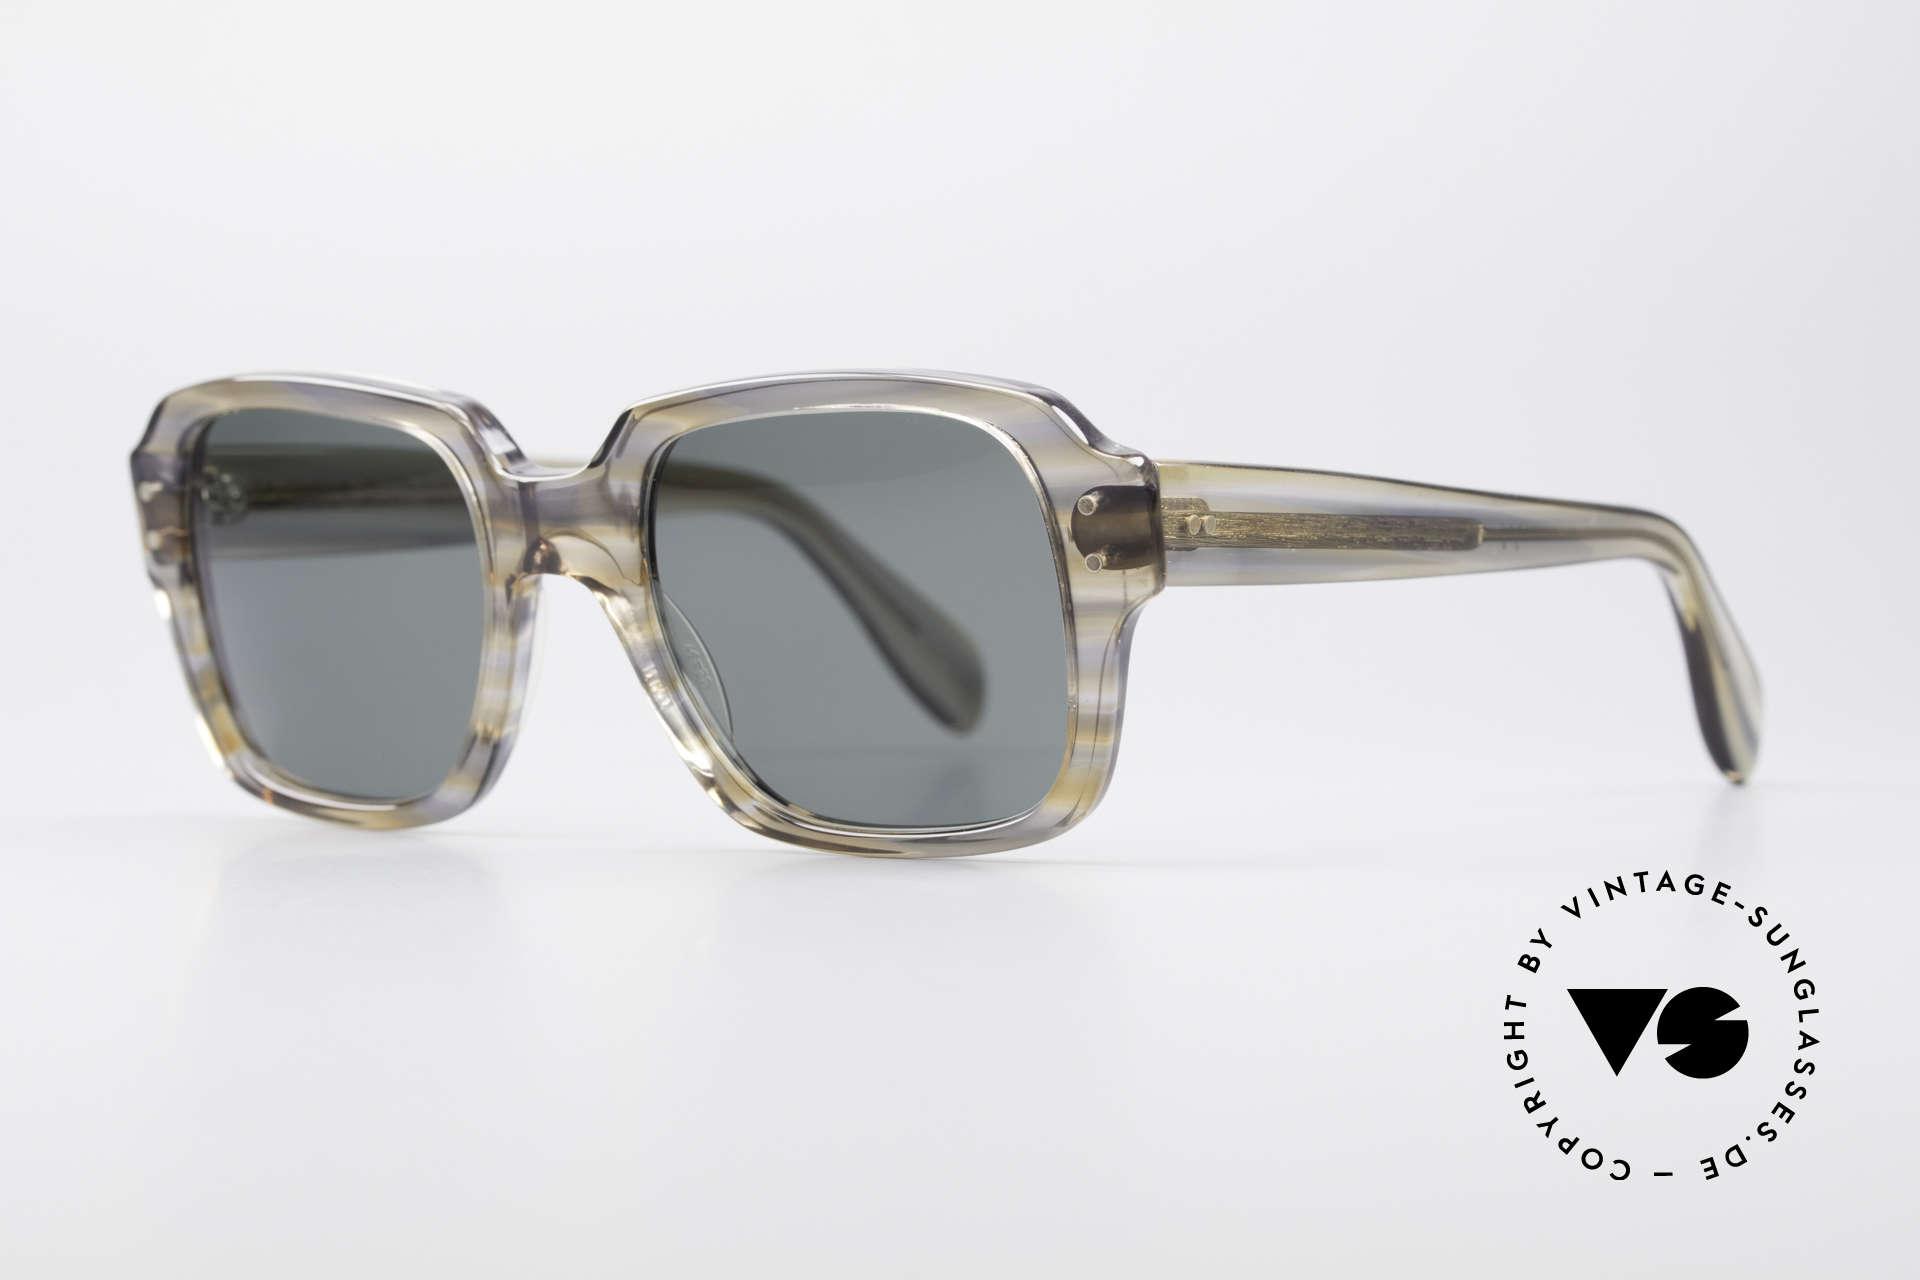 Metzler 448 Kleine 70er Sonnenbrille, enorm stabiler, massiver Rahmen; KLEINE-Gr. 46-20, Passend für Herren